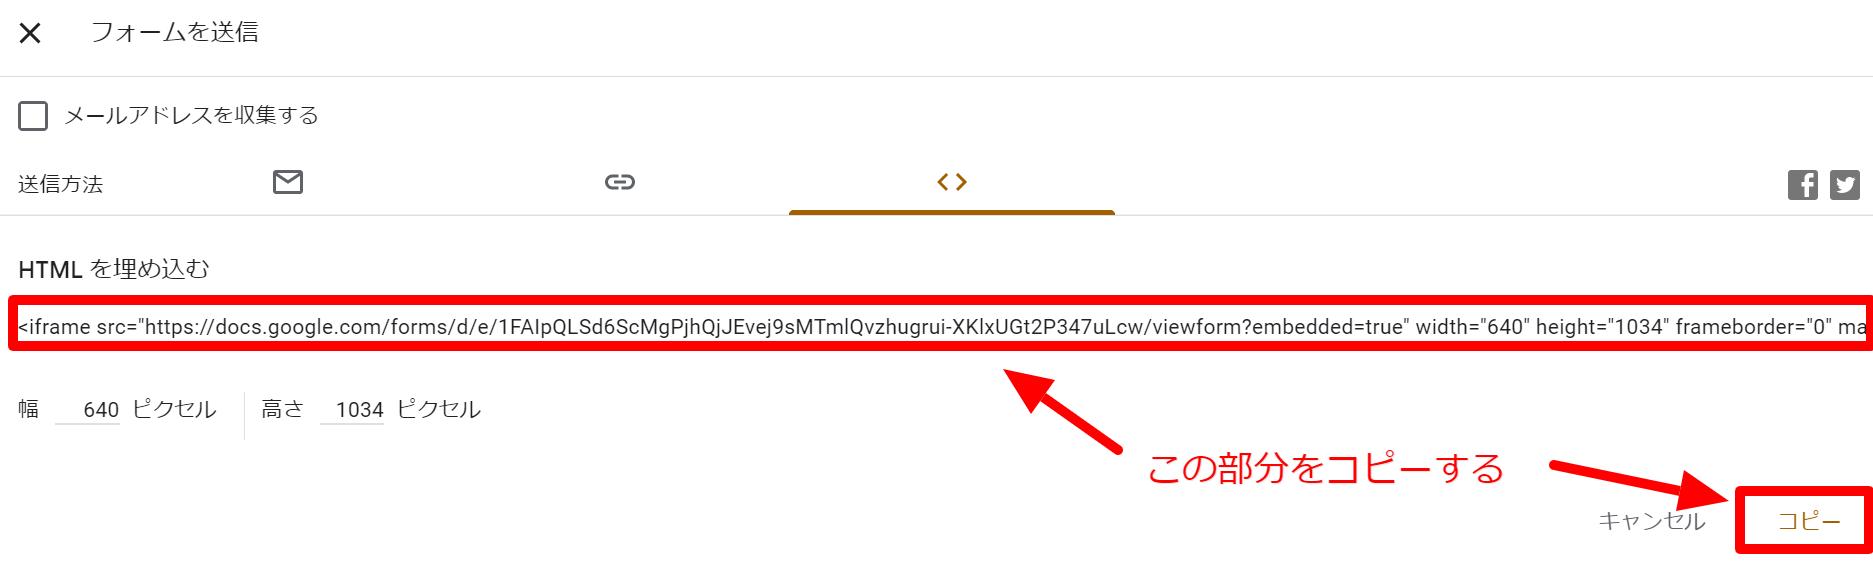 GoogleフォームのHTMLをコピーする方法を解説